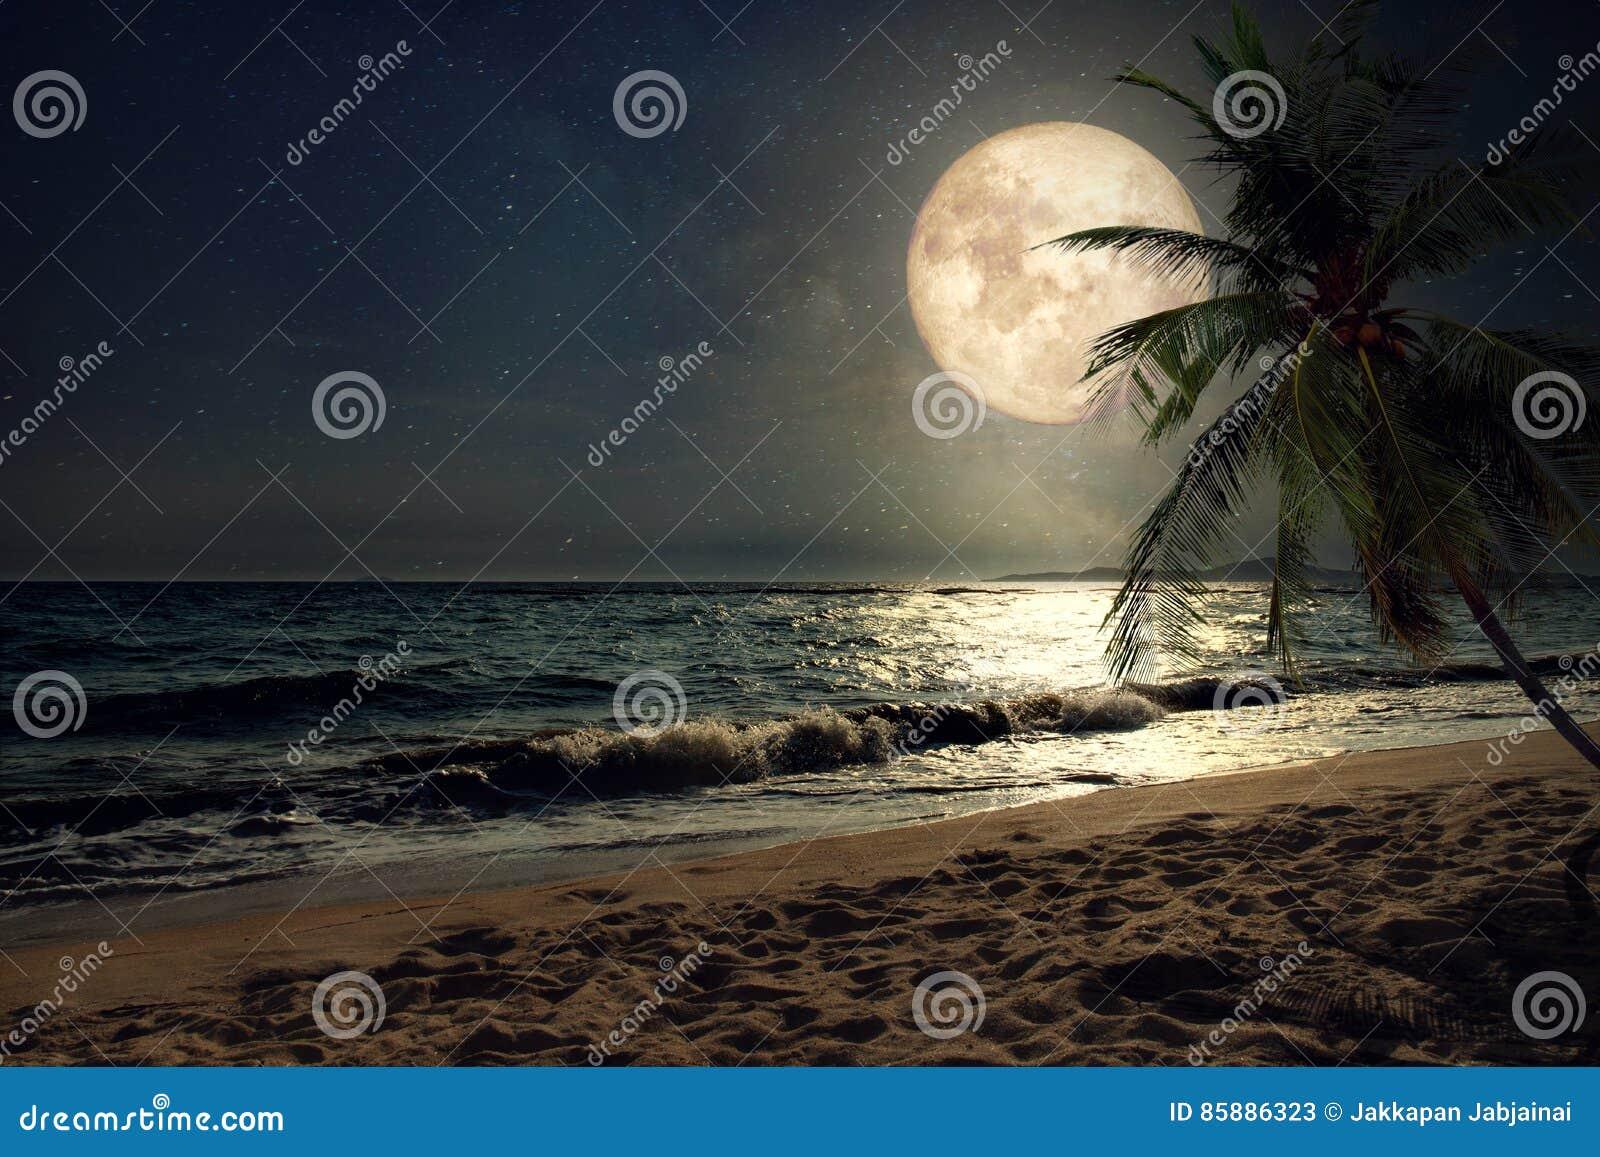 Spiaggia tropicale di bella fantasia con la stella in cieli notturni, luna piena della Via Lattea